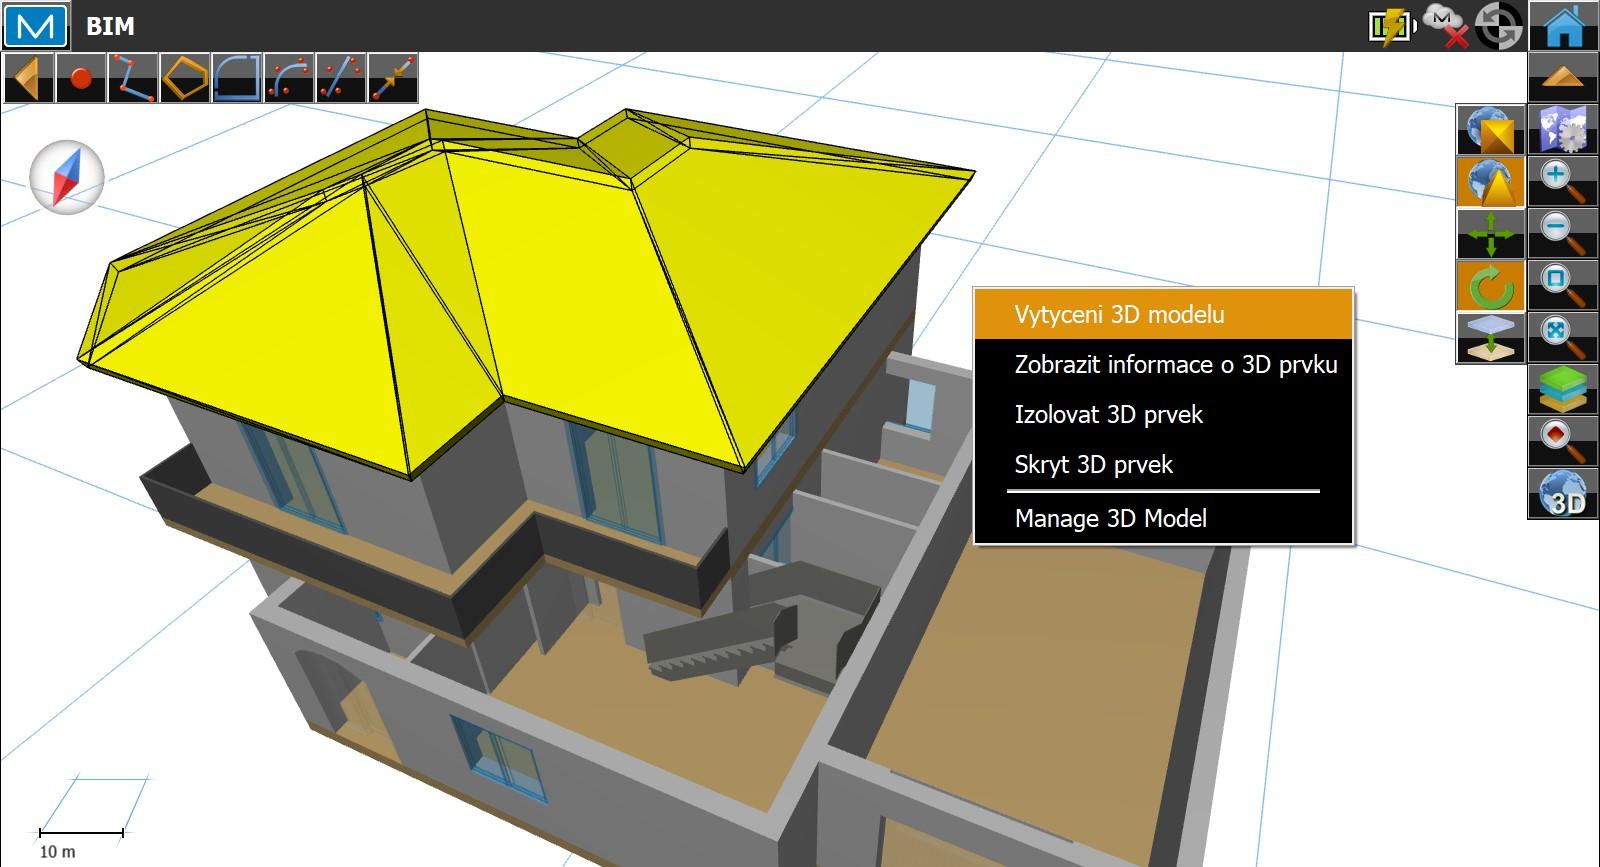 Software Magnet Field - Po výběru prvku je možné zobrazit menu pro práci s tímto prvkem.